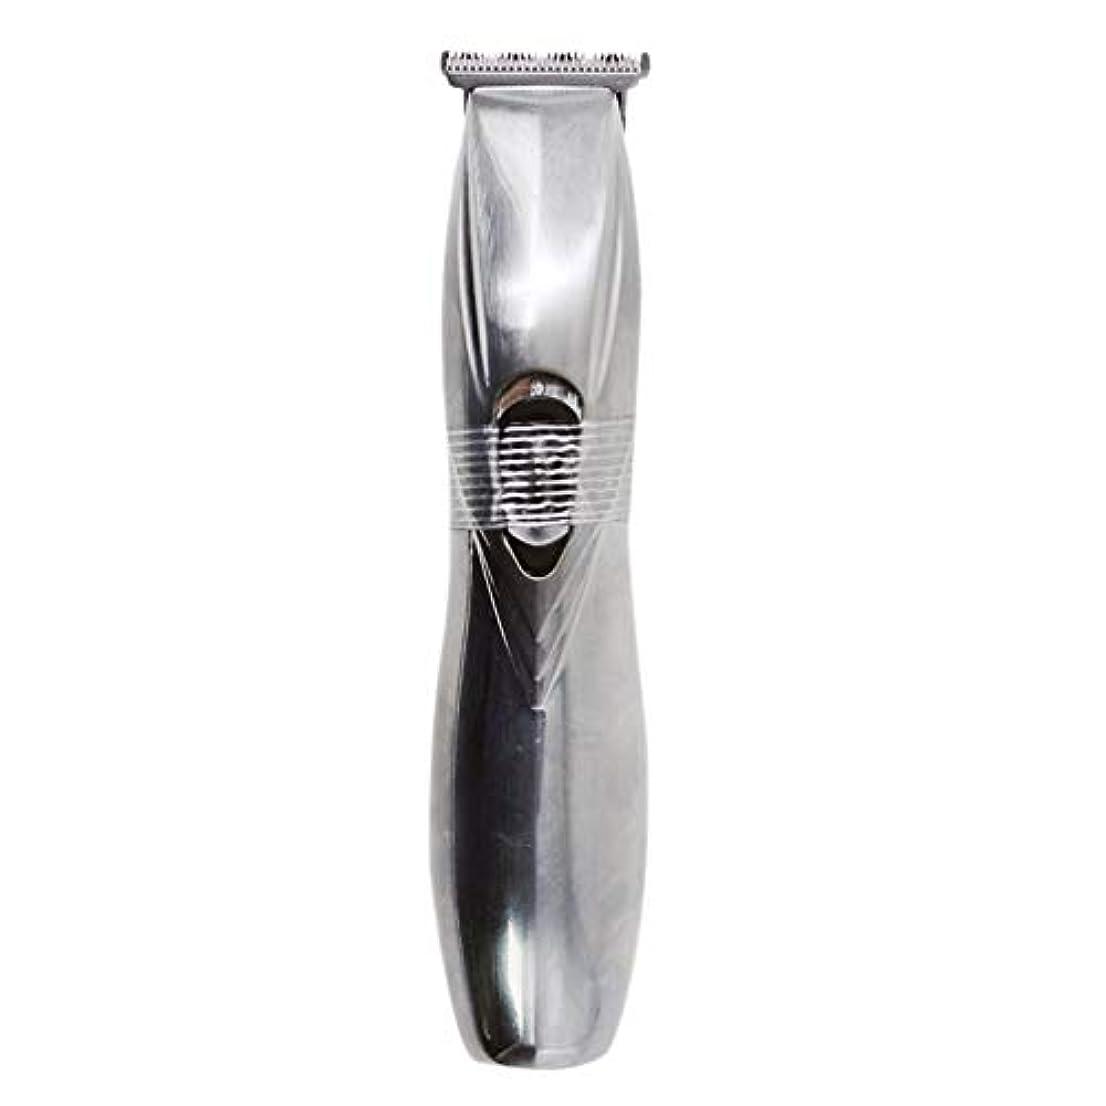 全く不屈折プロフェッショナル電動バリカンは、男性の髪トリマー用に新しくデザイン切断機は、マシン110-240V切削します